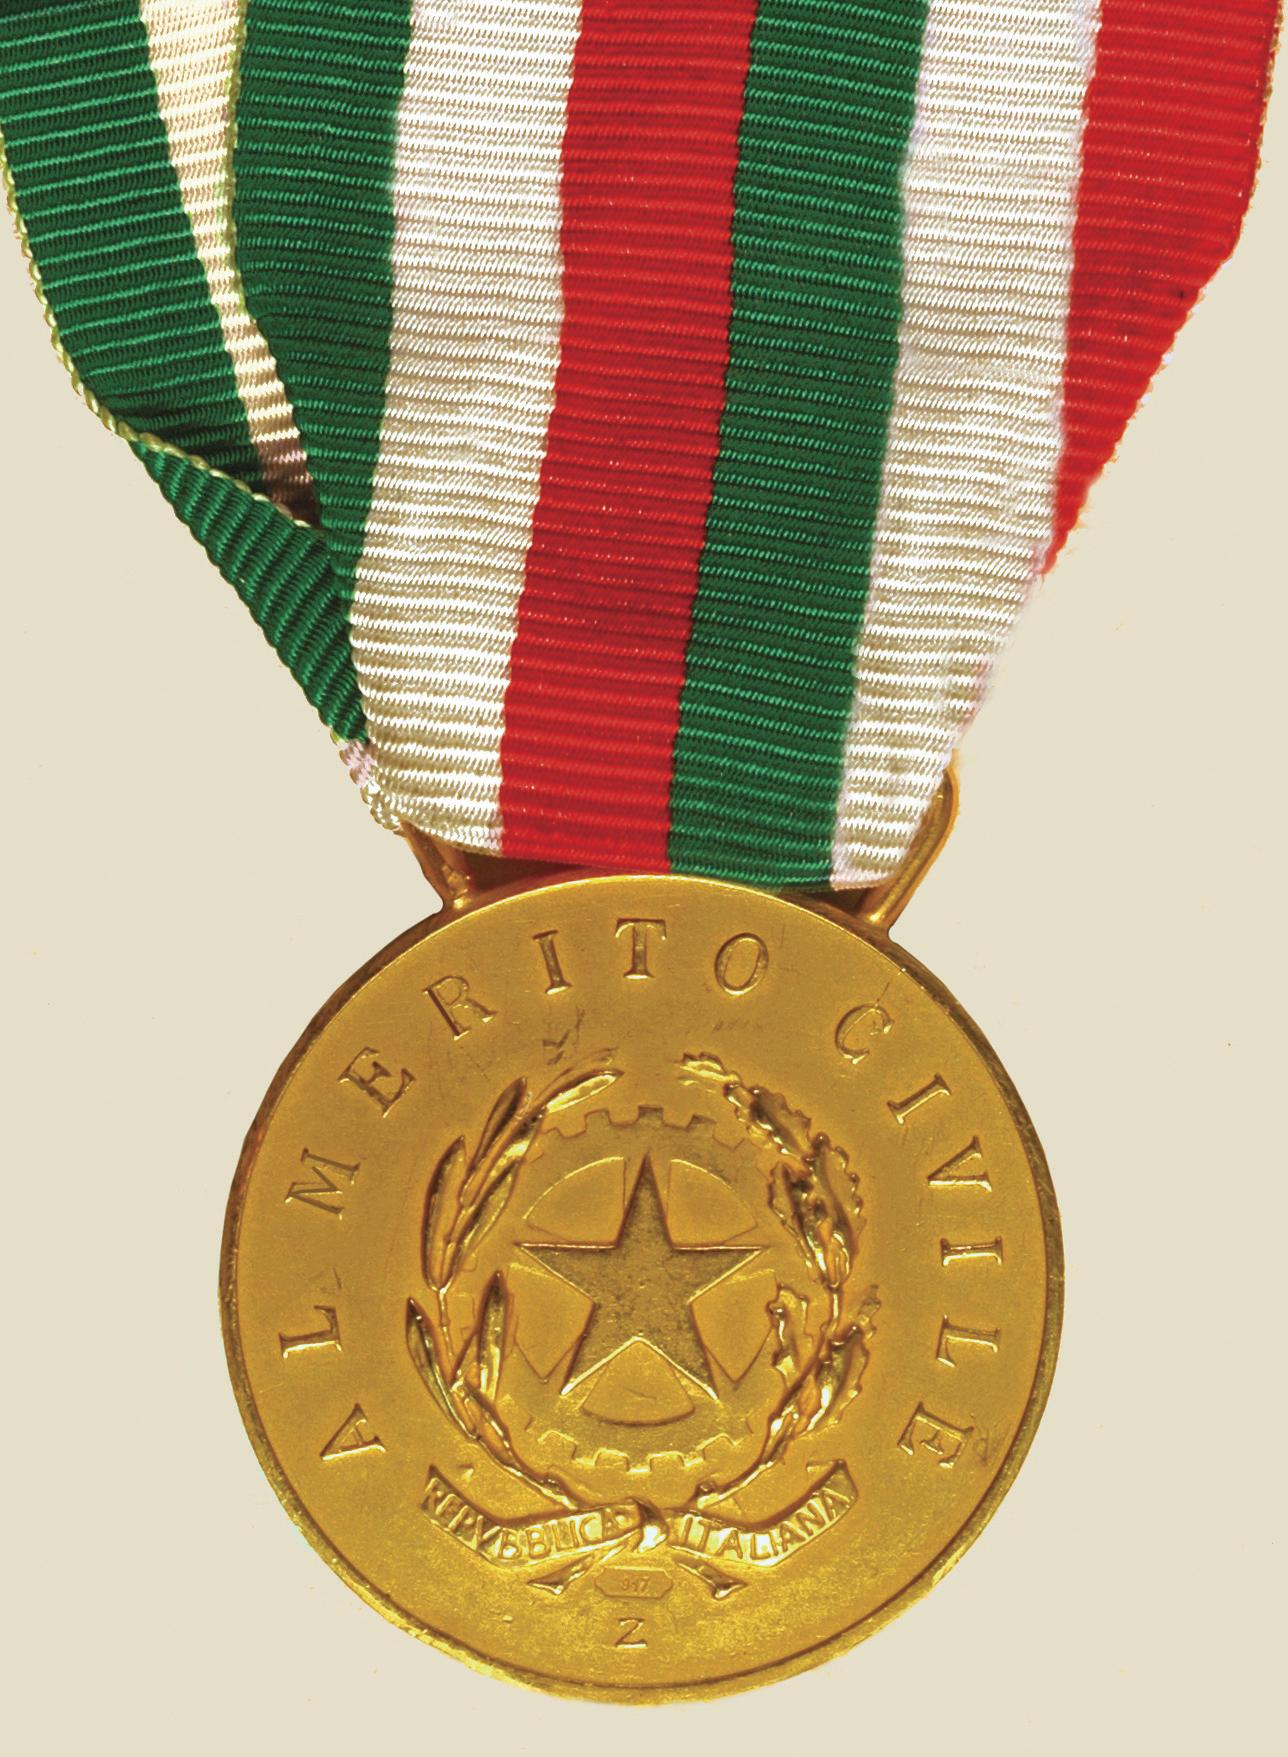 Medaglia d'oro fronte